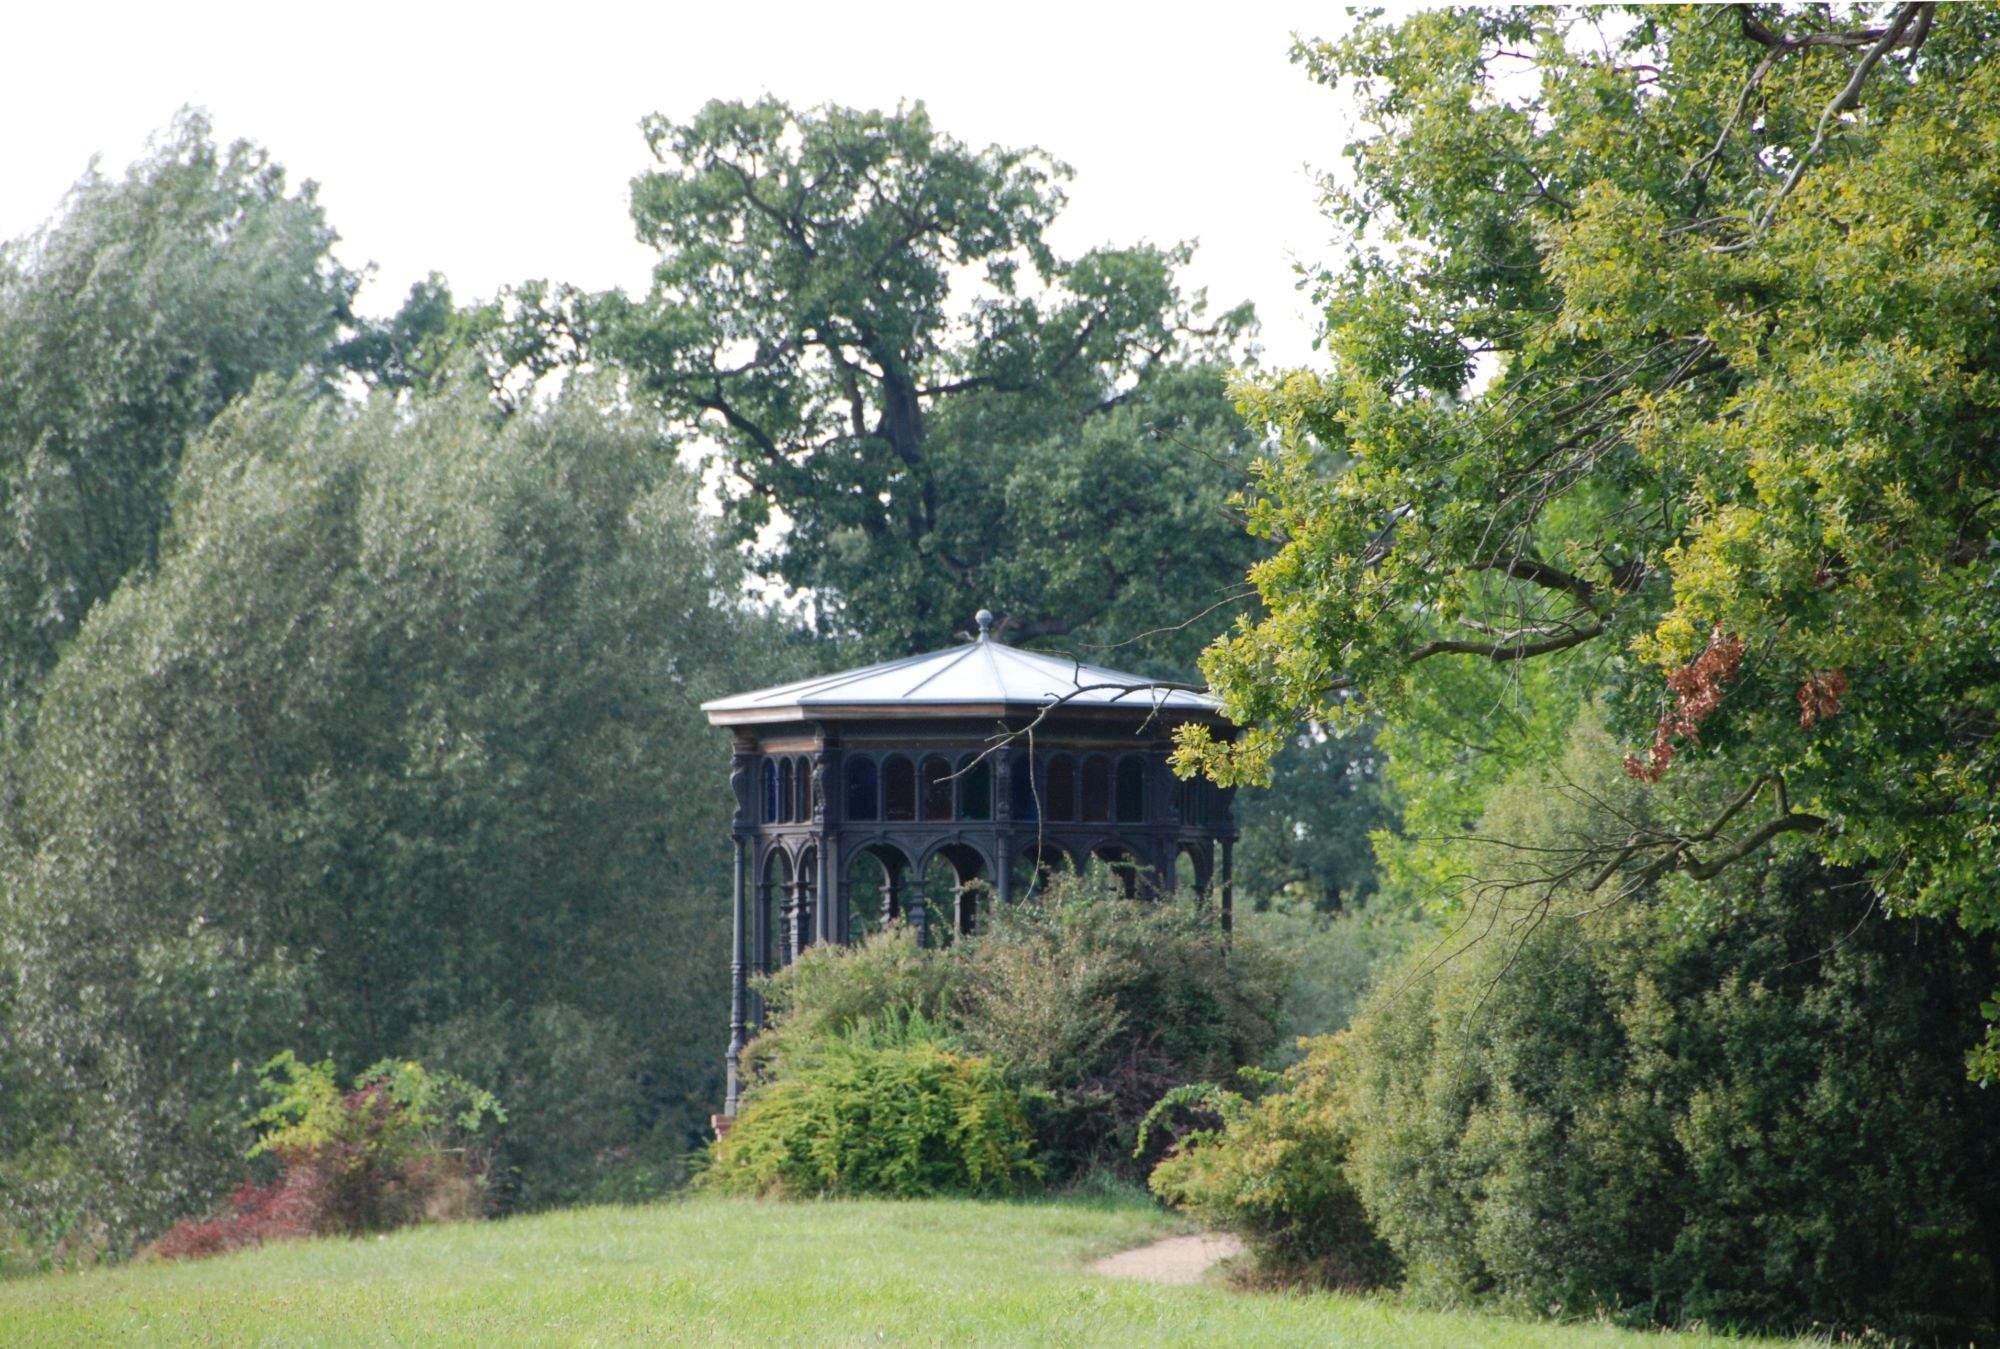 LDS-FuerstlDrehnaSchlossparkPavillon-BLDAM-2009.jpg